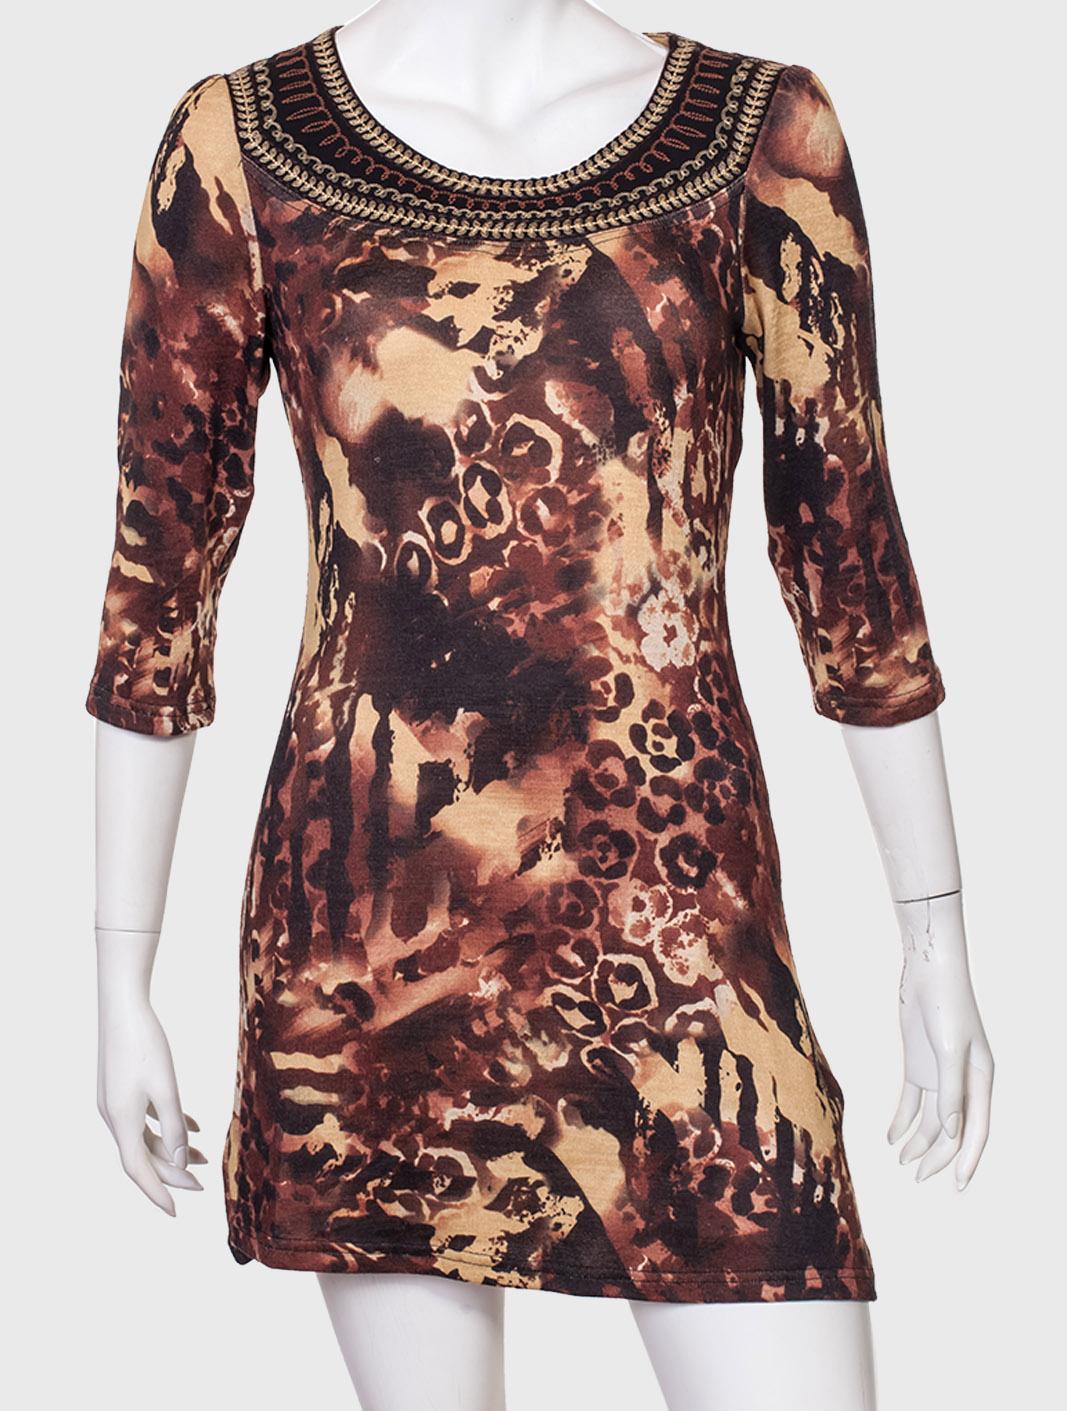 Экстравагантное женское платье с изумительным принтом от Mechant